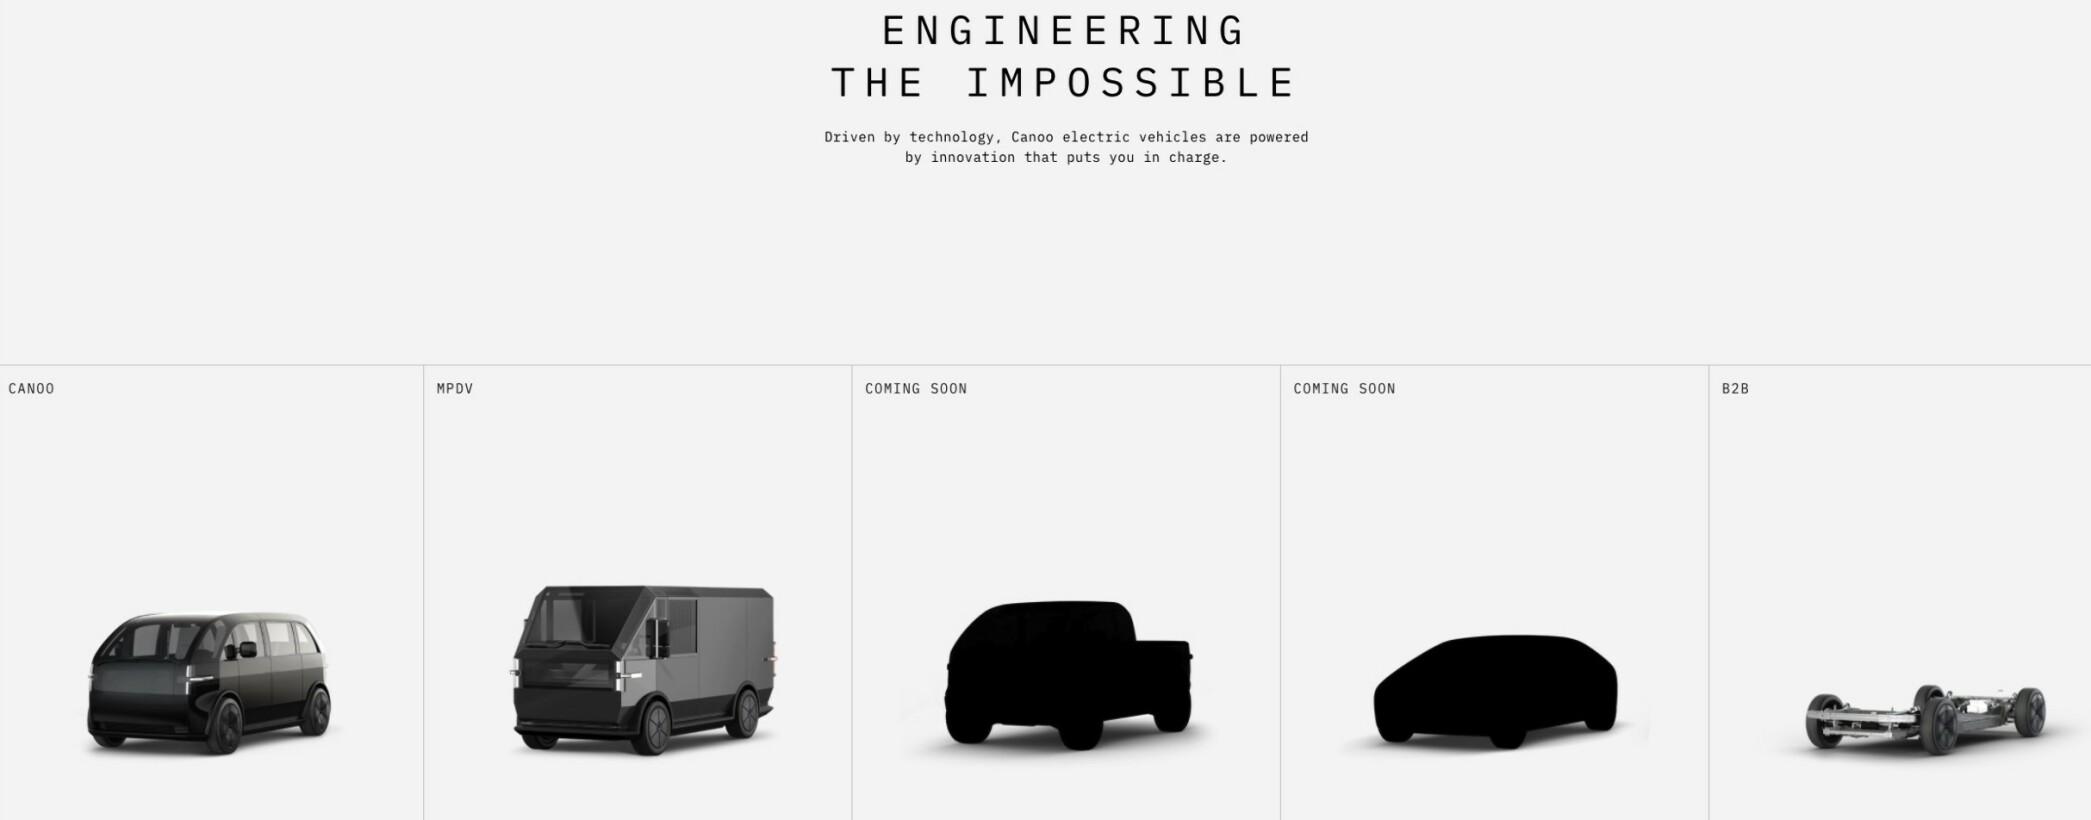 Canoo har tidligere lansert minibuss (Canoo Lifestyle Vehicle), varebil (MPDV - Multi-Purpose Delivery Vehicle) og nå pickup. Etterhvert kommer det også en sedan. Skjermdump: Canoo.com